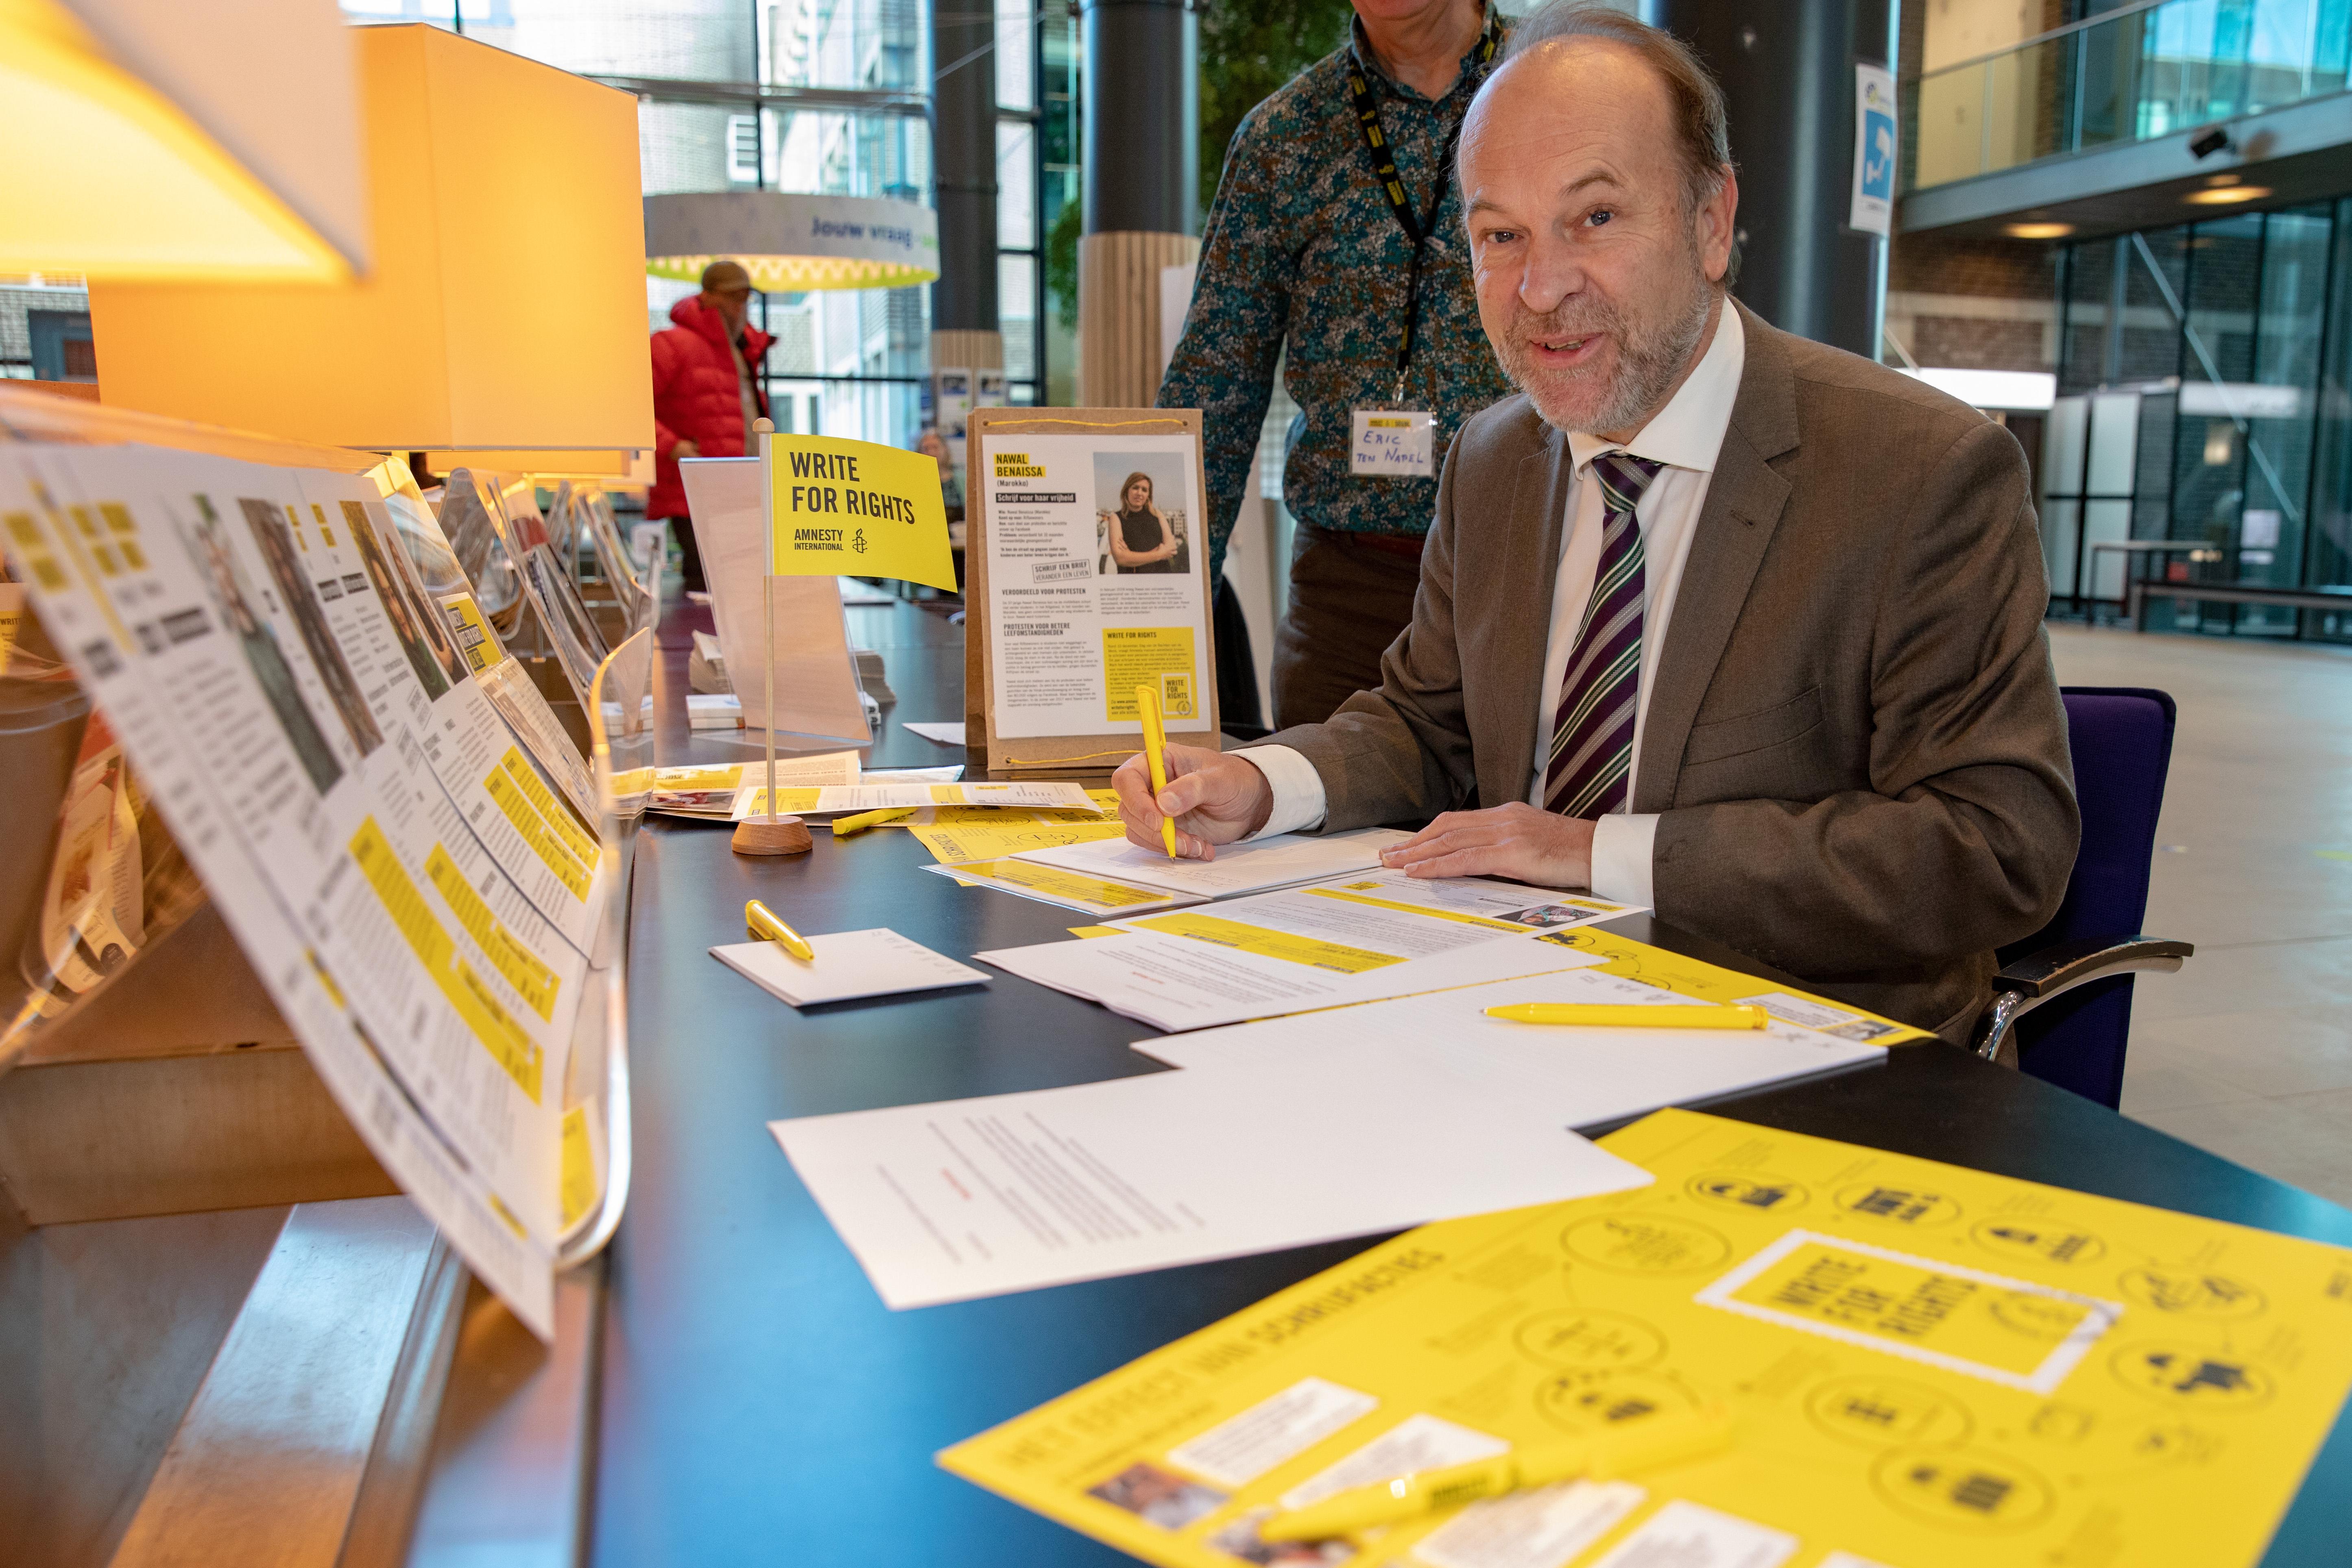 Burgemeester Bert Blase draagt zijn steentje bij voor de mensenrechten. (Foto: Vincent de Vries/ Rodi Media)